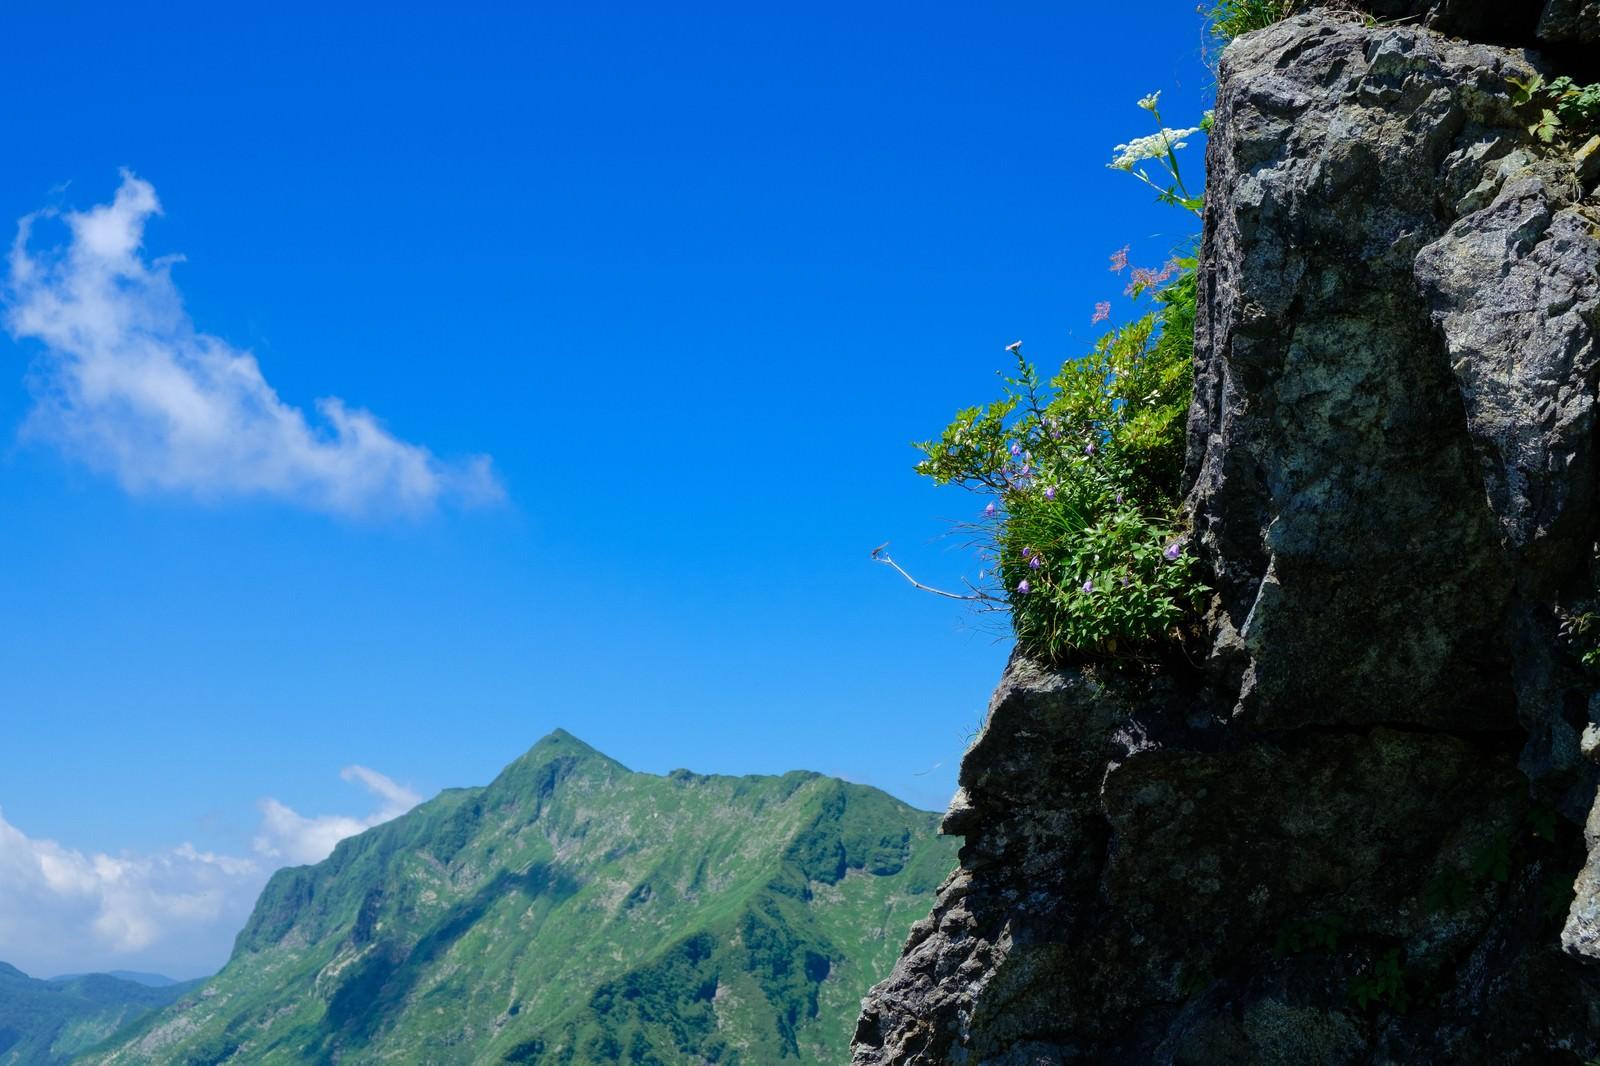 「岩肌に咲く高山植物と青空」の写真